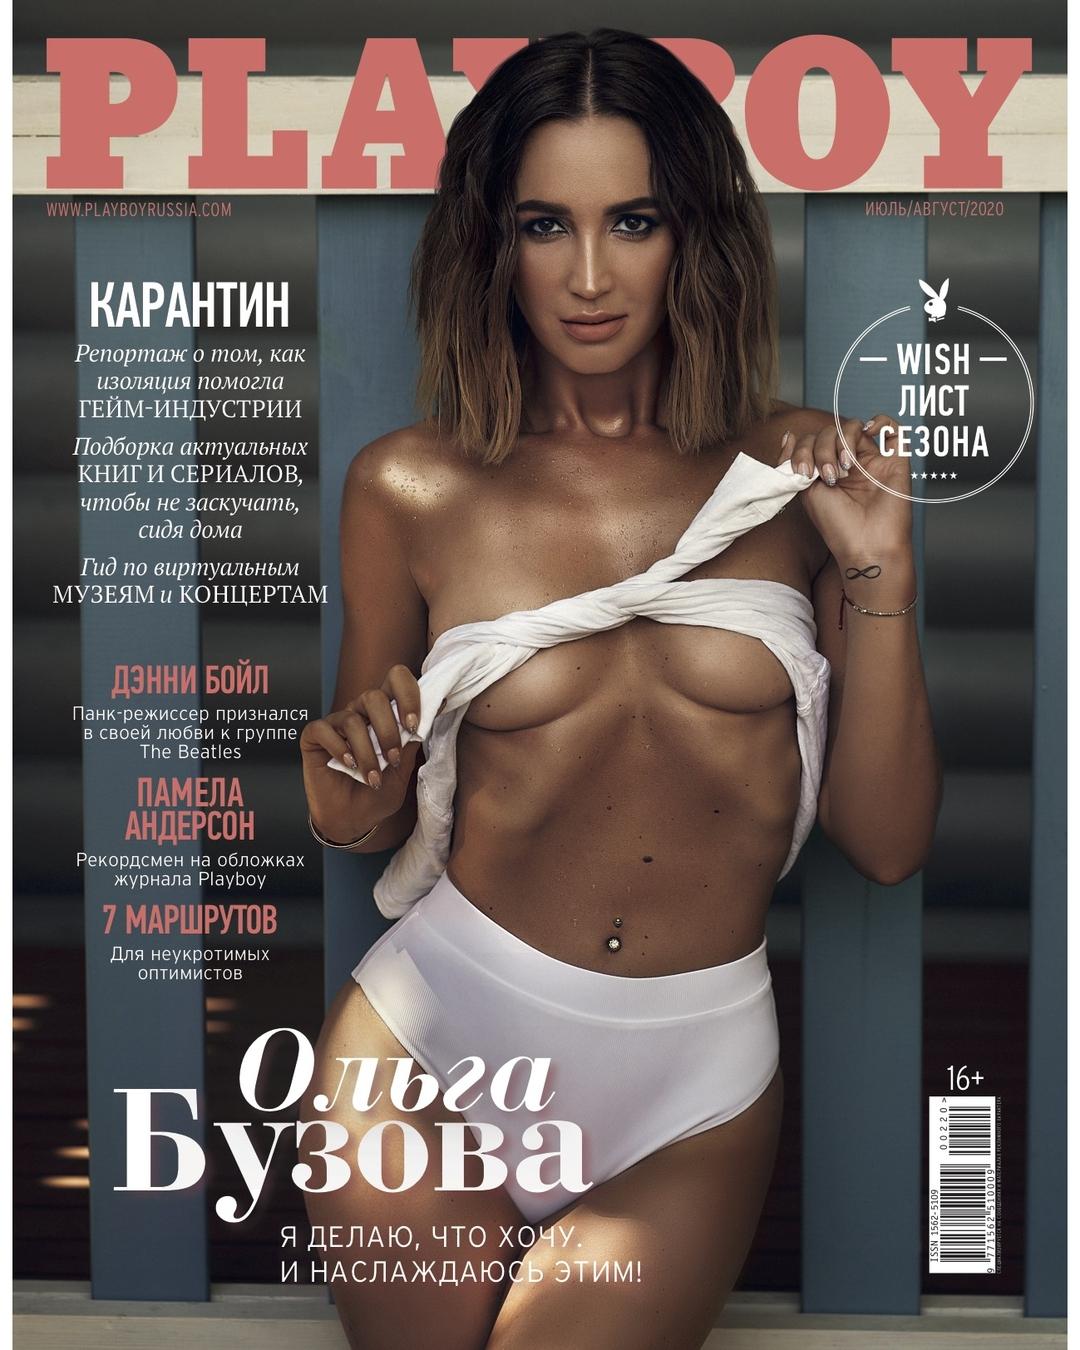 На обложке свежего номера Playboy Ольга Бузова